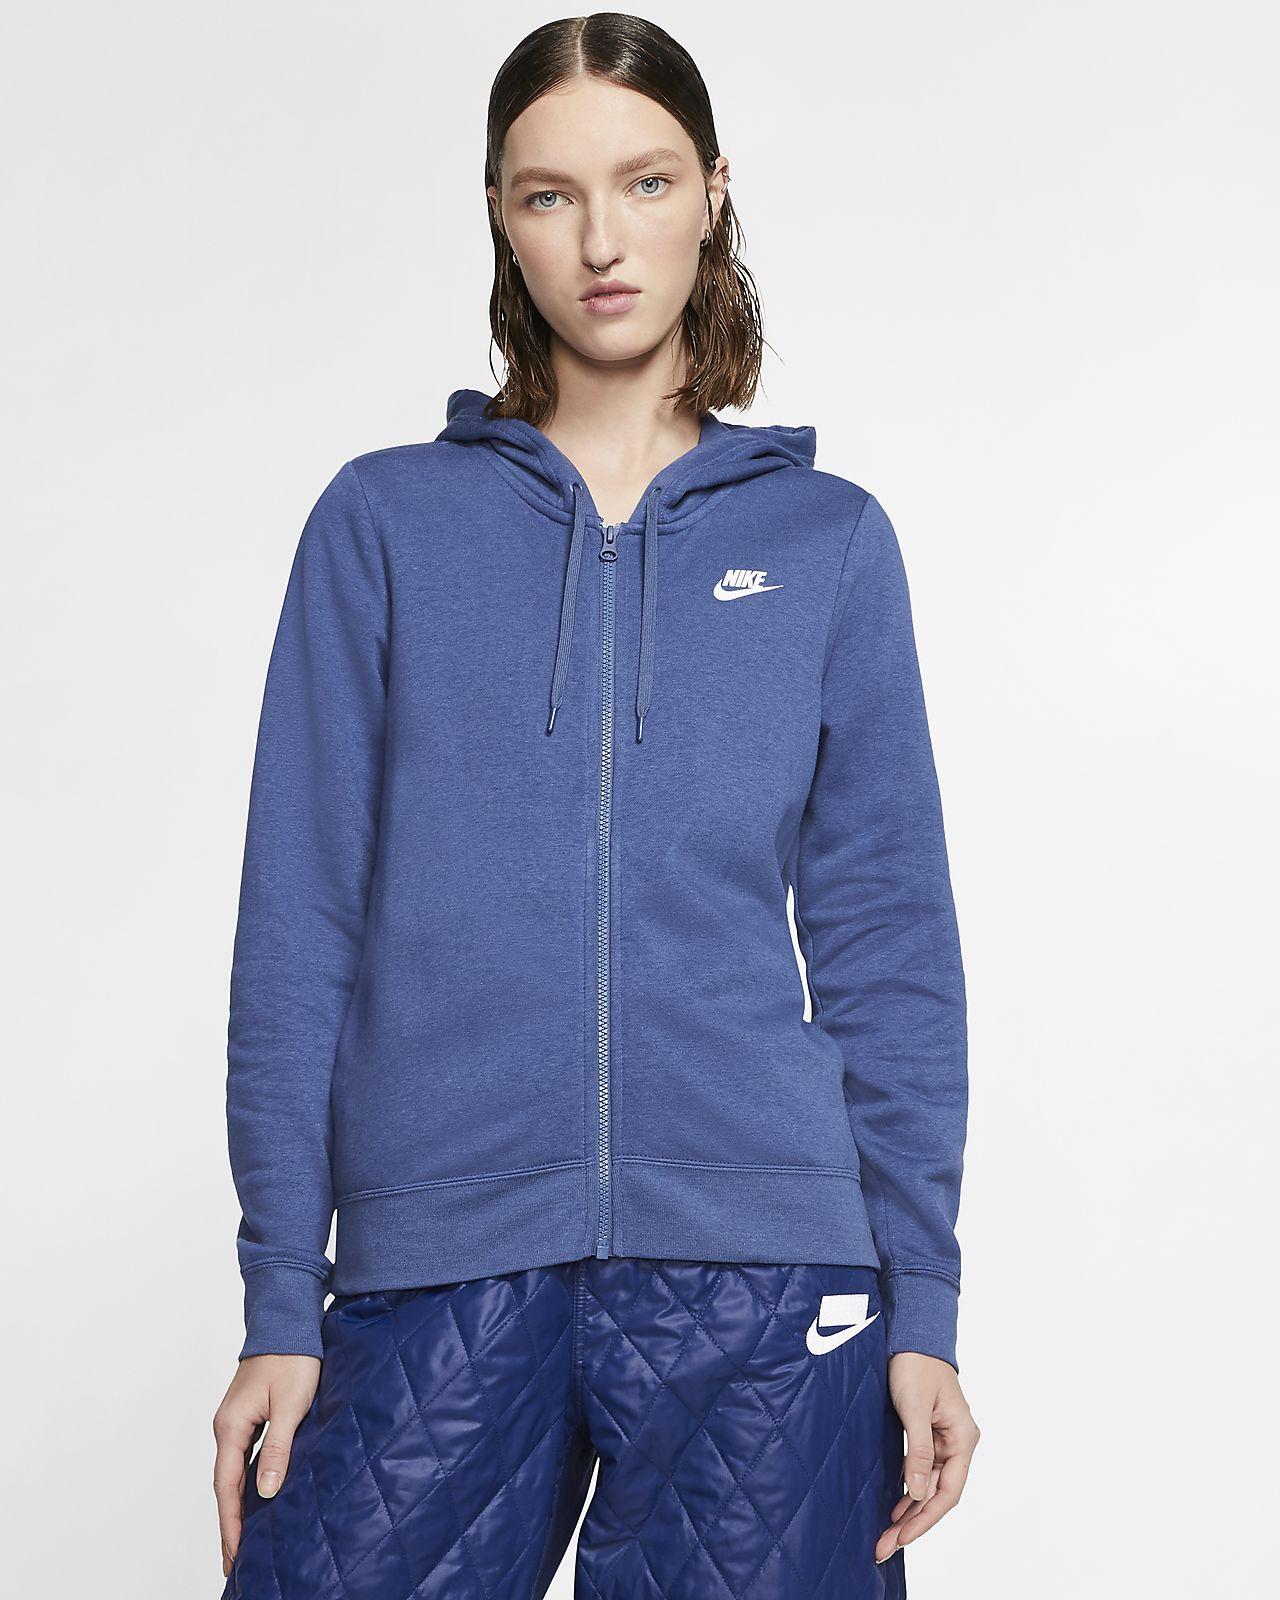 Nike Sportswear Women's Fleece Full Zip Hoodie